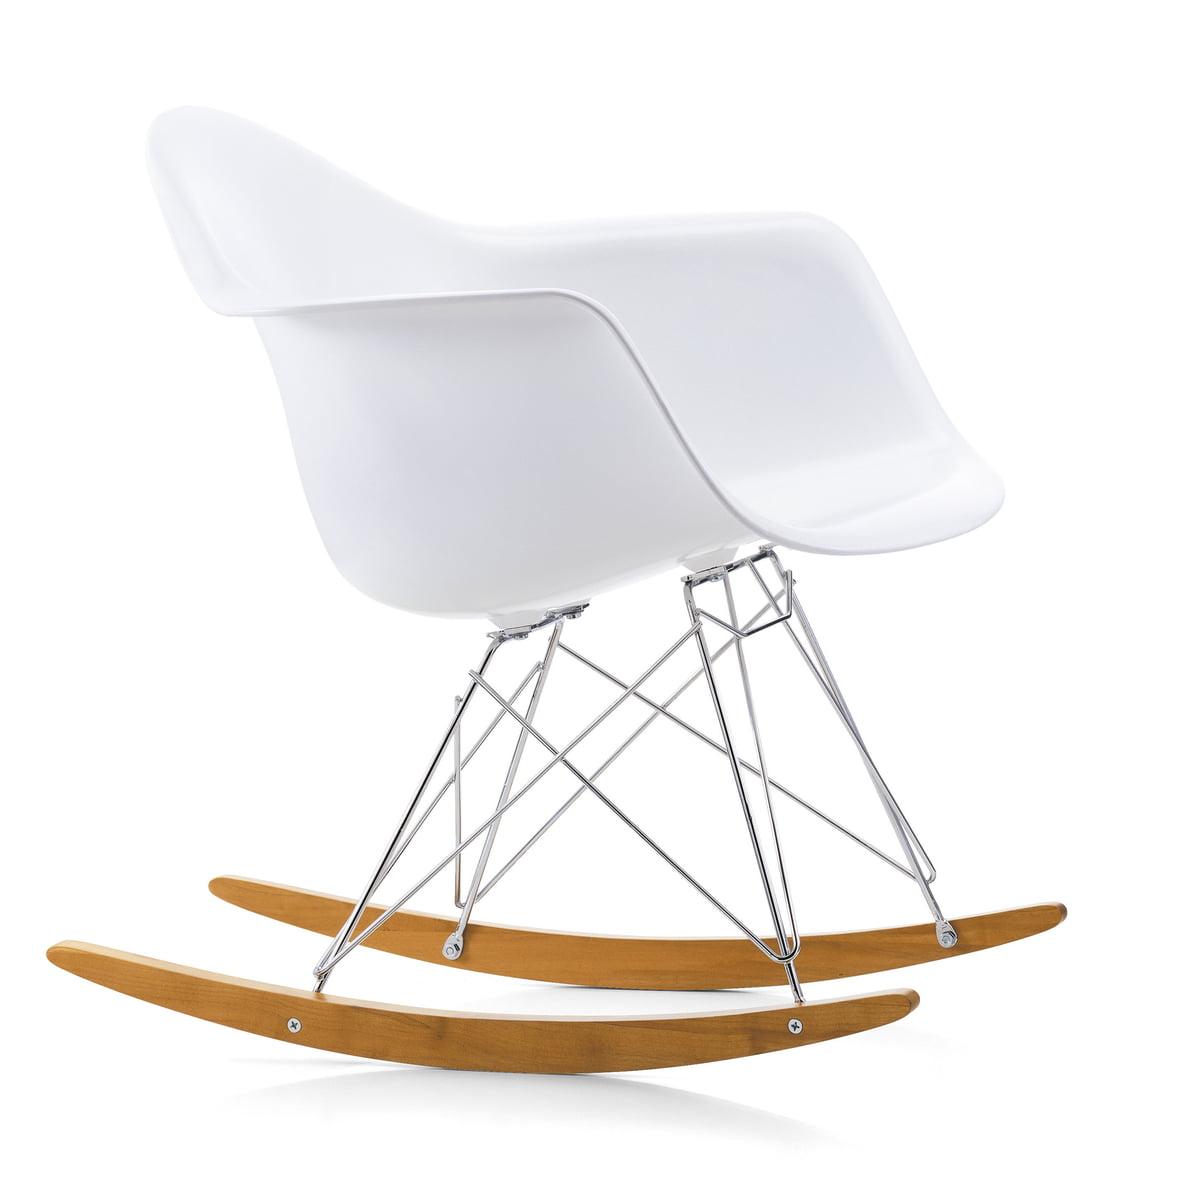 Eames rar schaukelstuhl von vitra connox shop - Charles eames schaukelstuhl ...